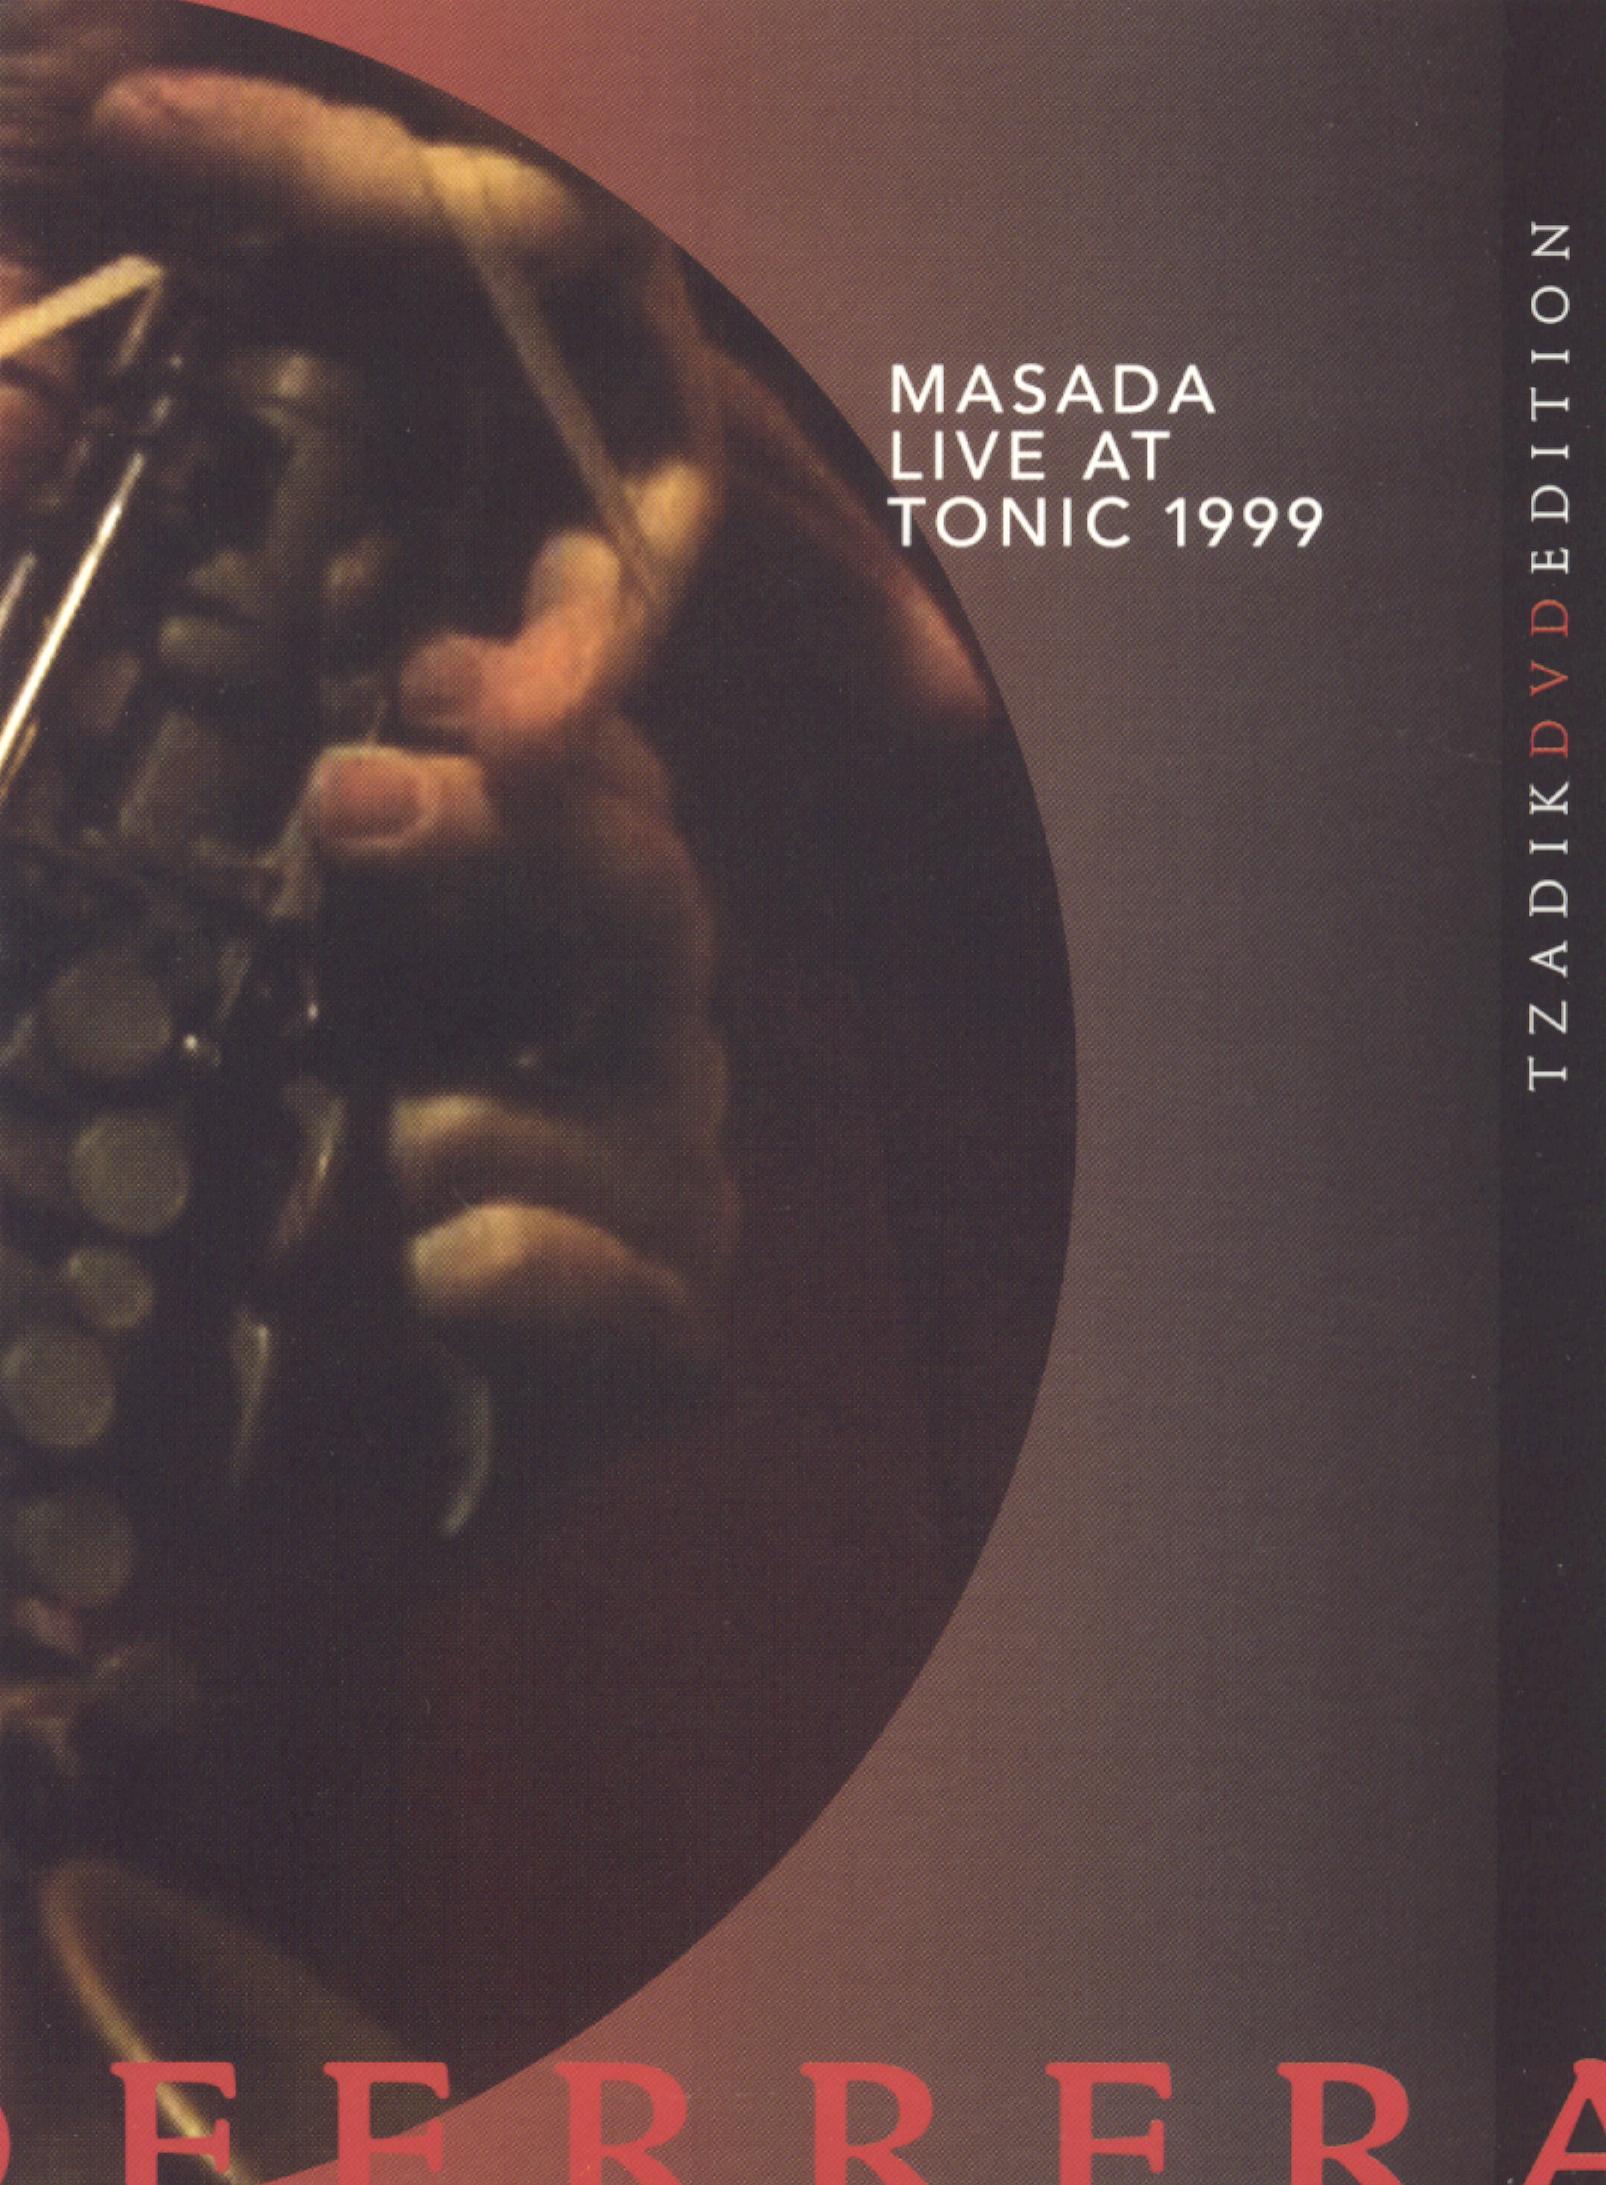 Masada: Live At Tonic 1999